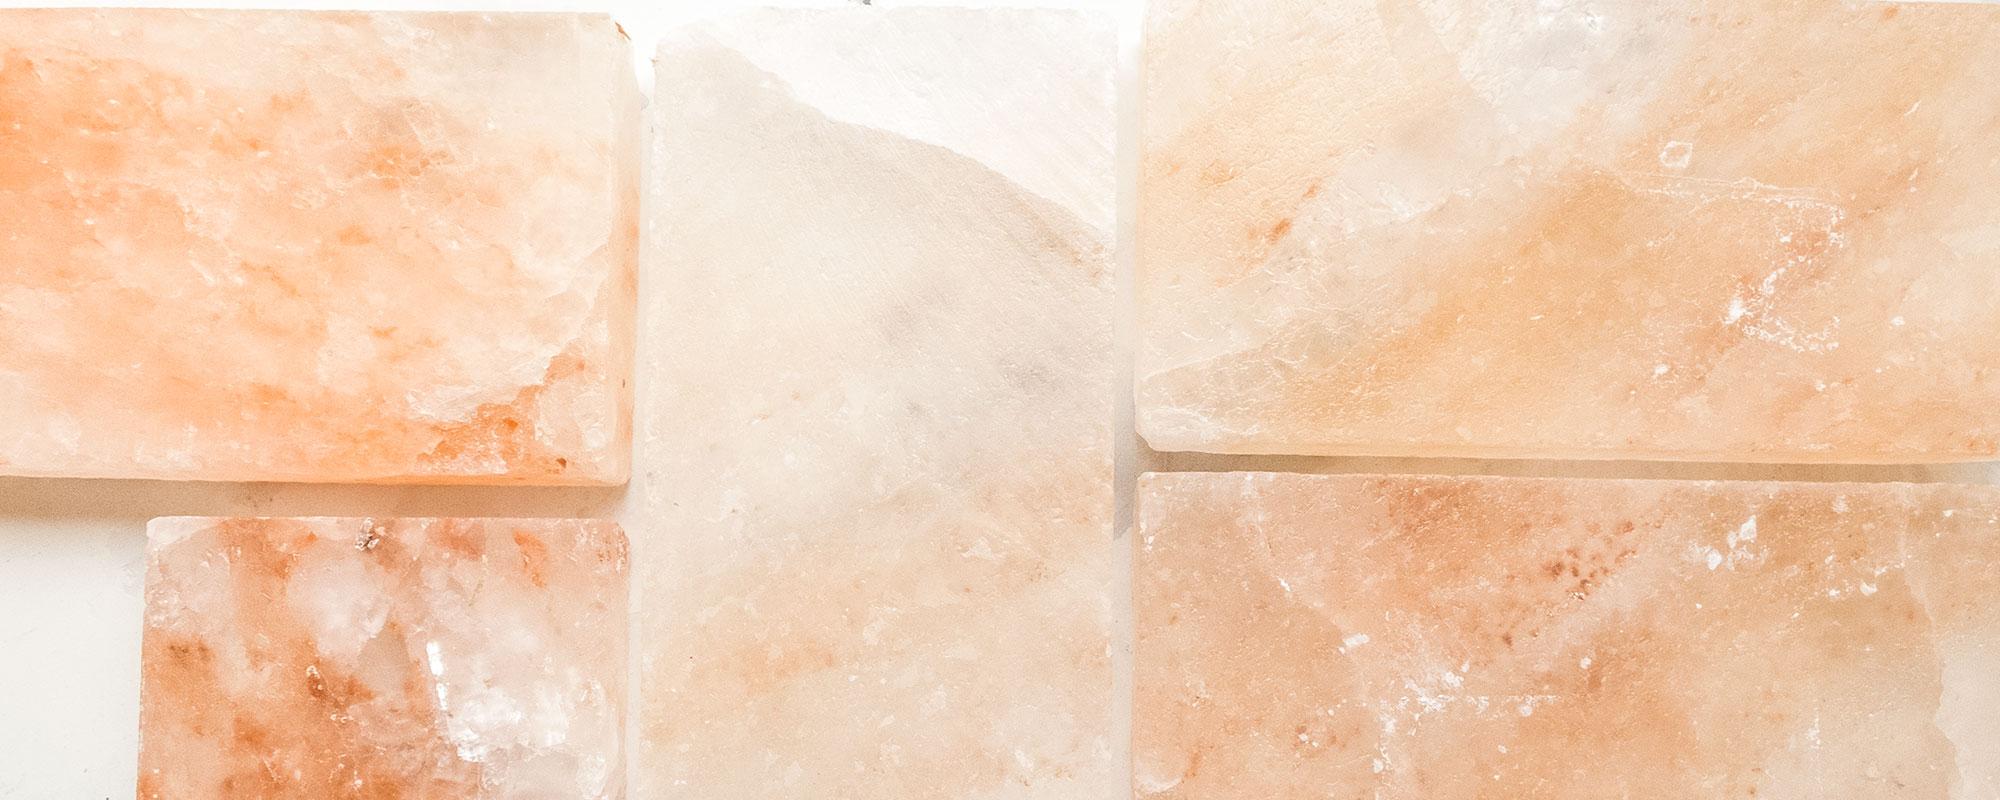 Соляная плитка: приготовьте блюдо на соли.